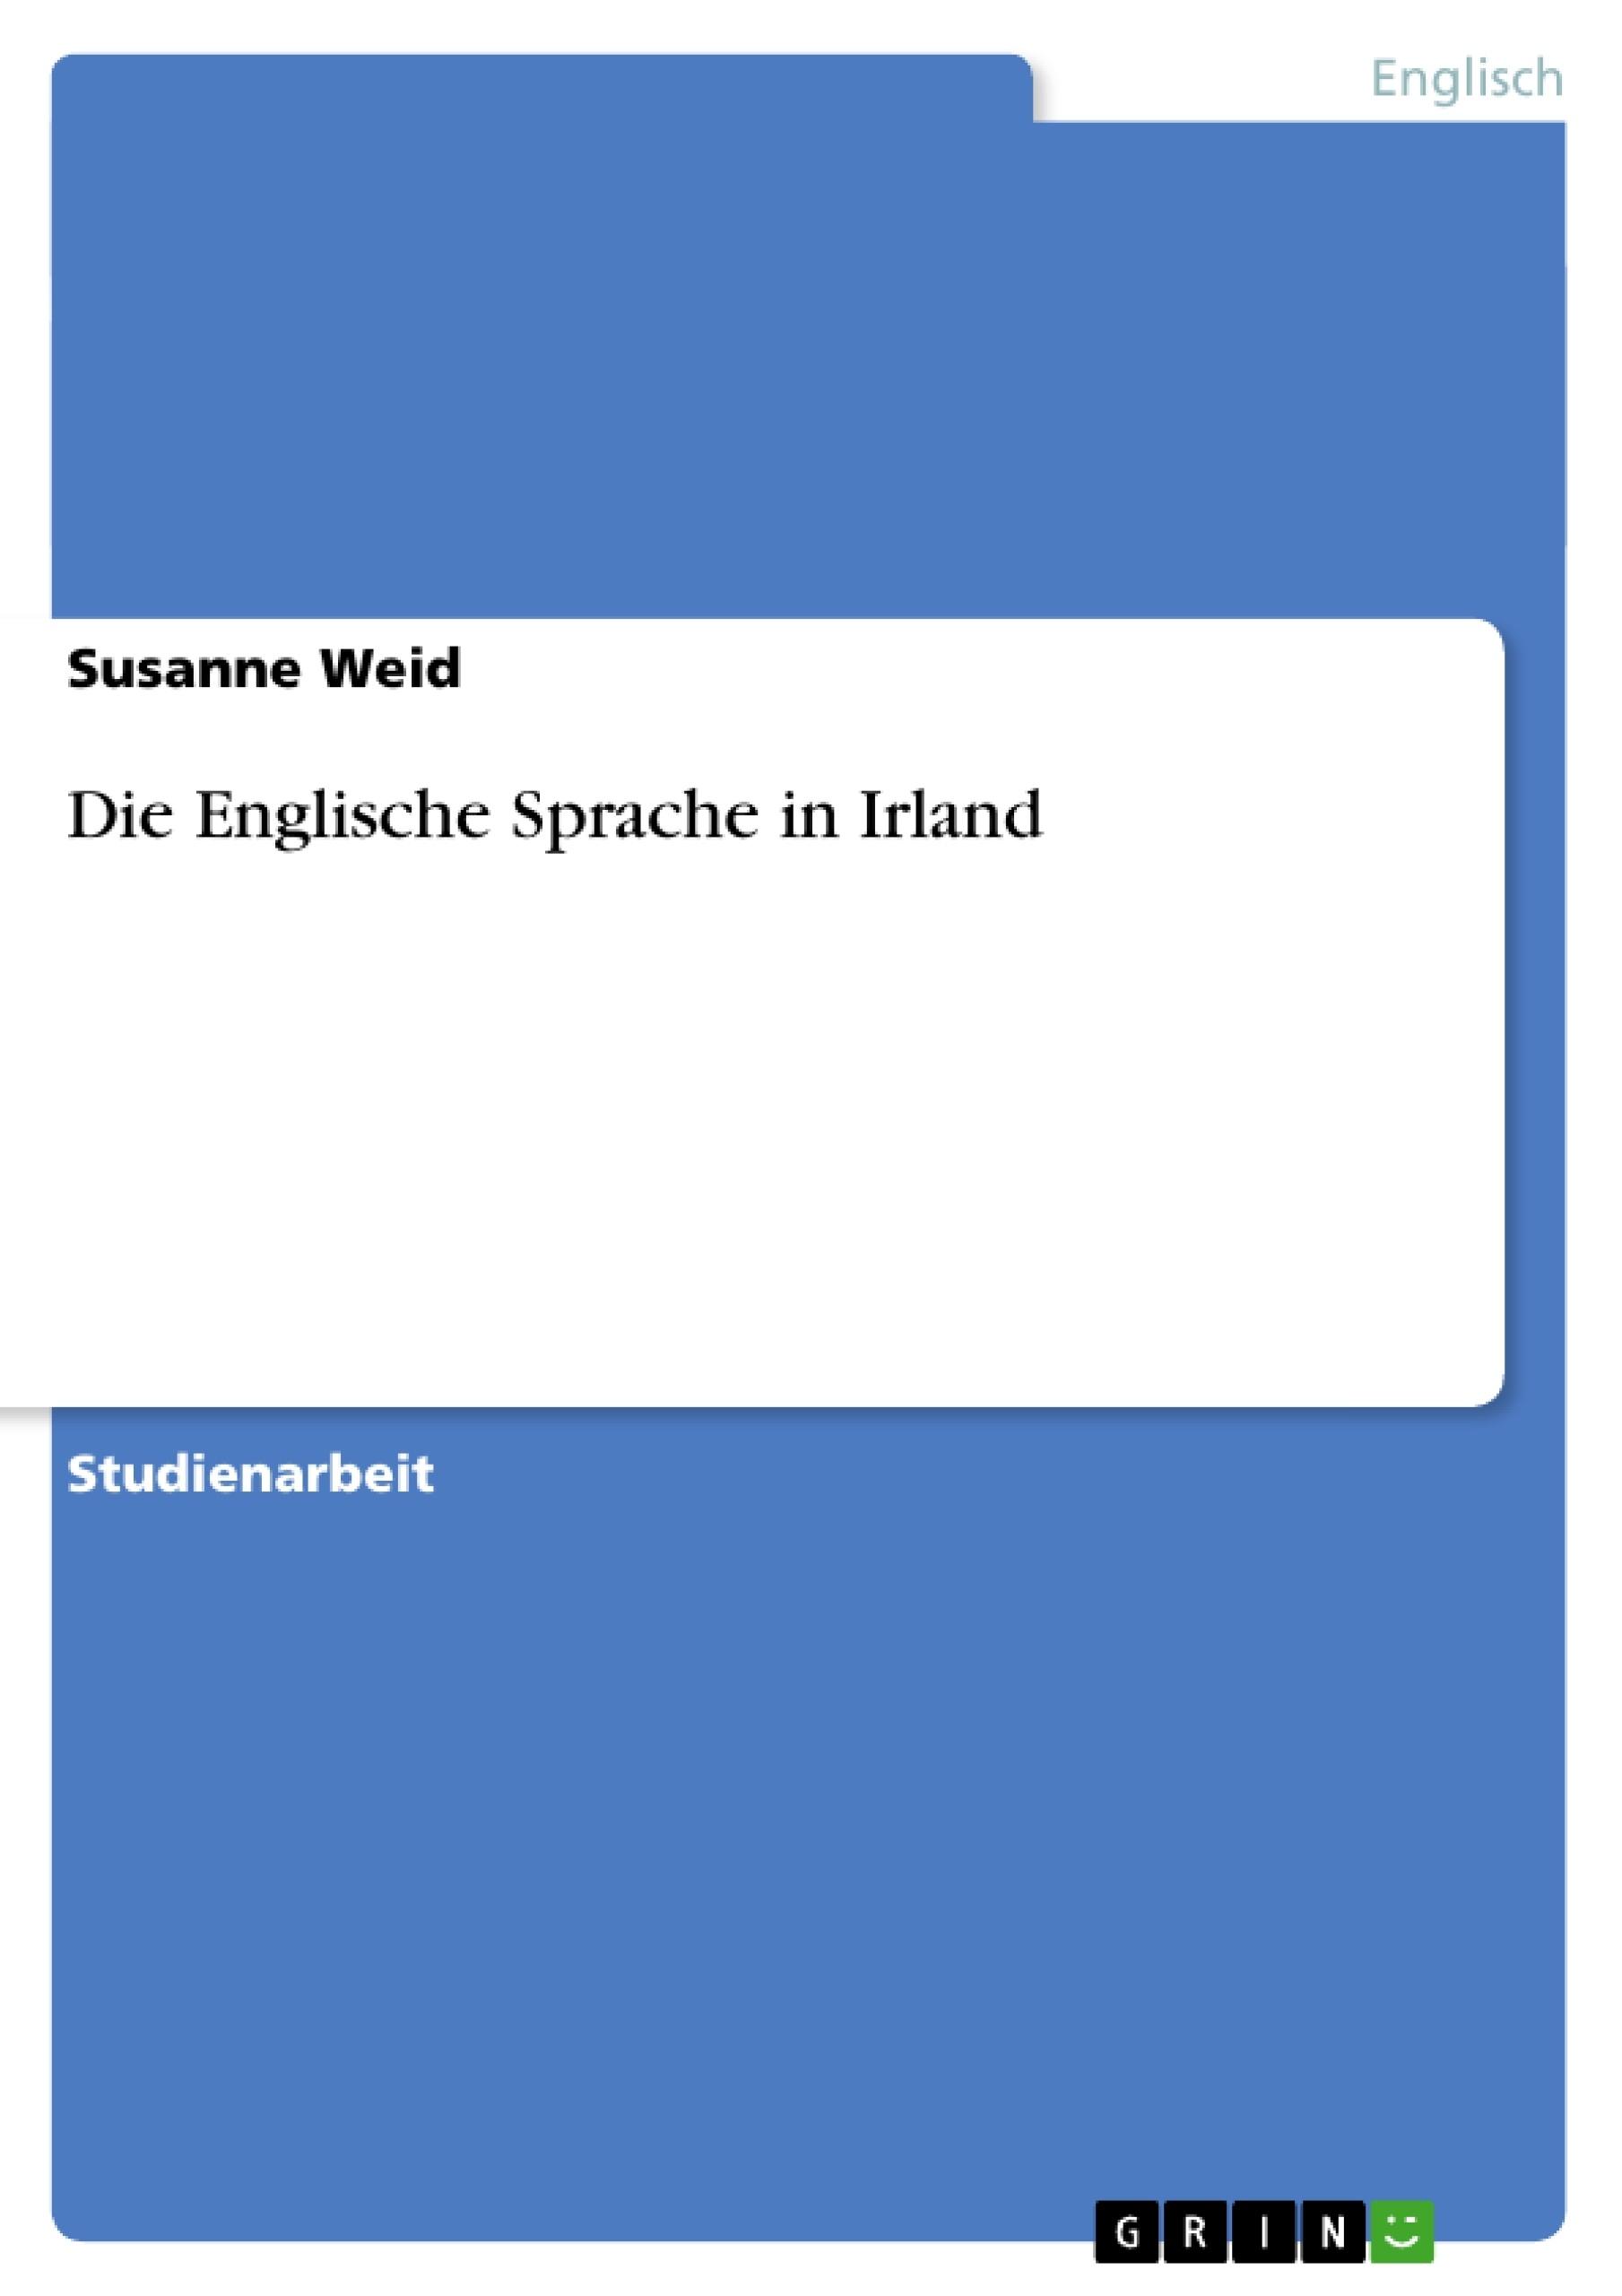 Titel: Die Englische Sprache in Irland